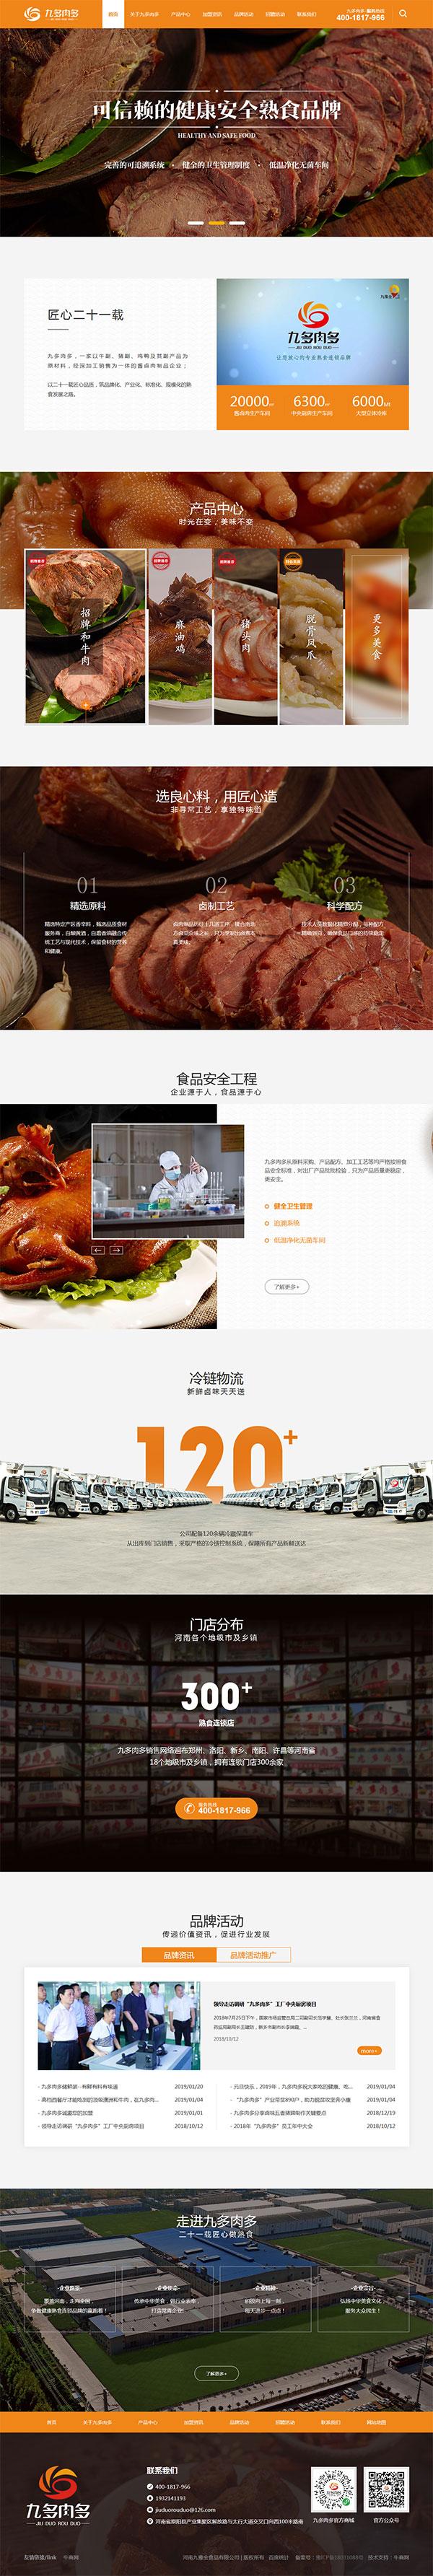 九多肉多熟食-龙8国际龙88型龙8国际官网首页页面